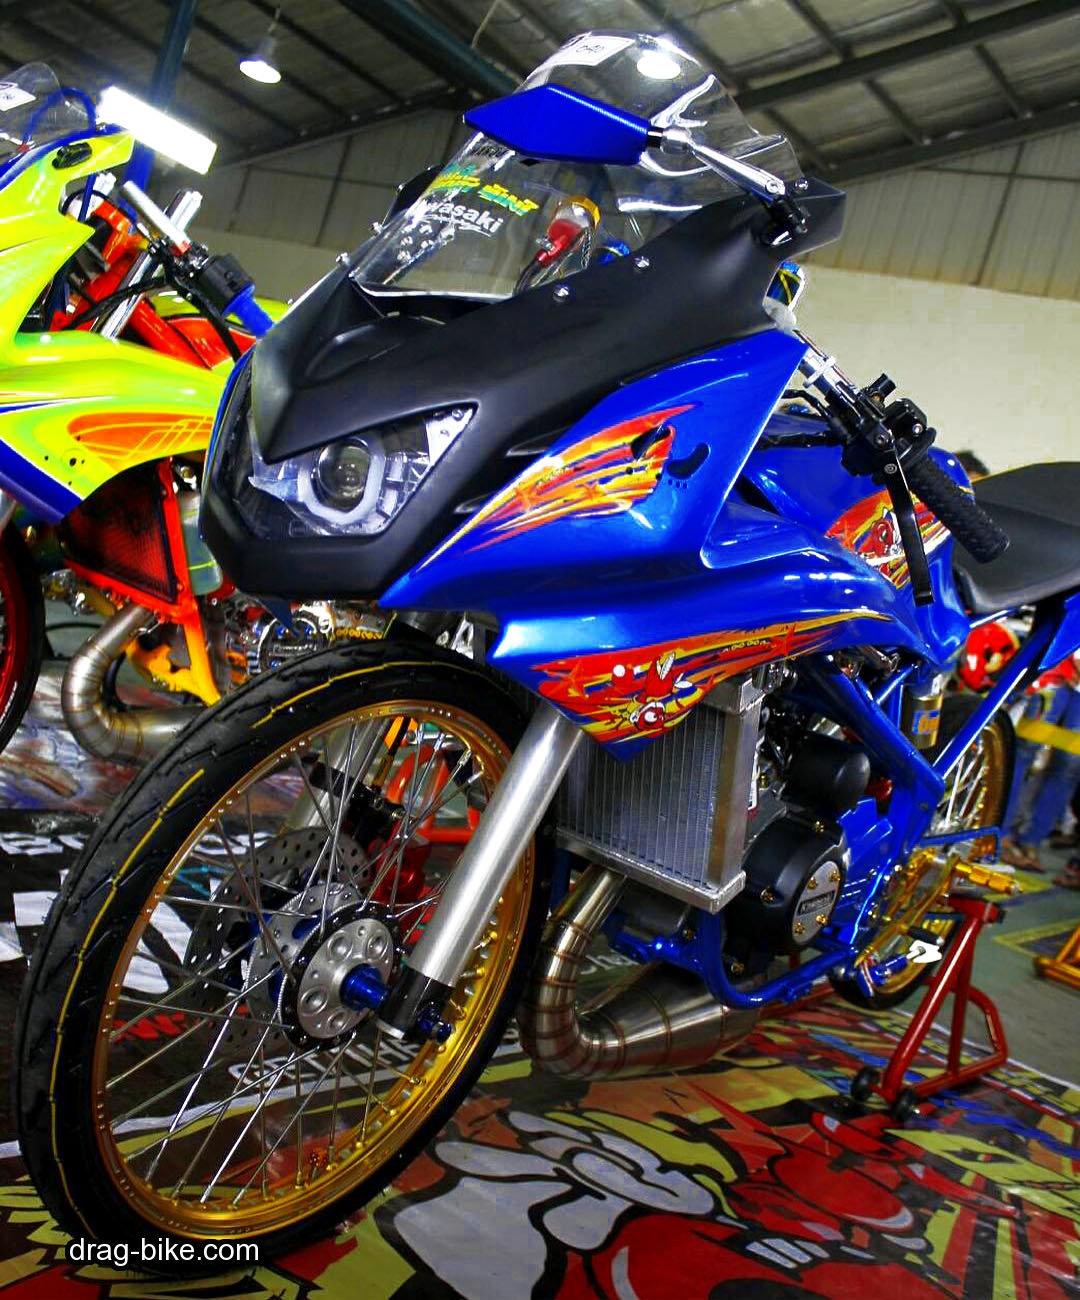 Foto Modifikasi Motor Drag Ninja R Terkeren Dan Terbaru Modifikasi